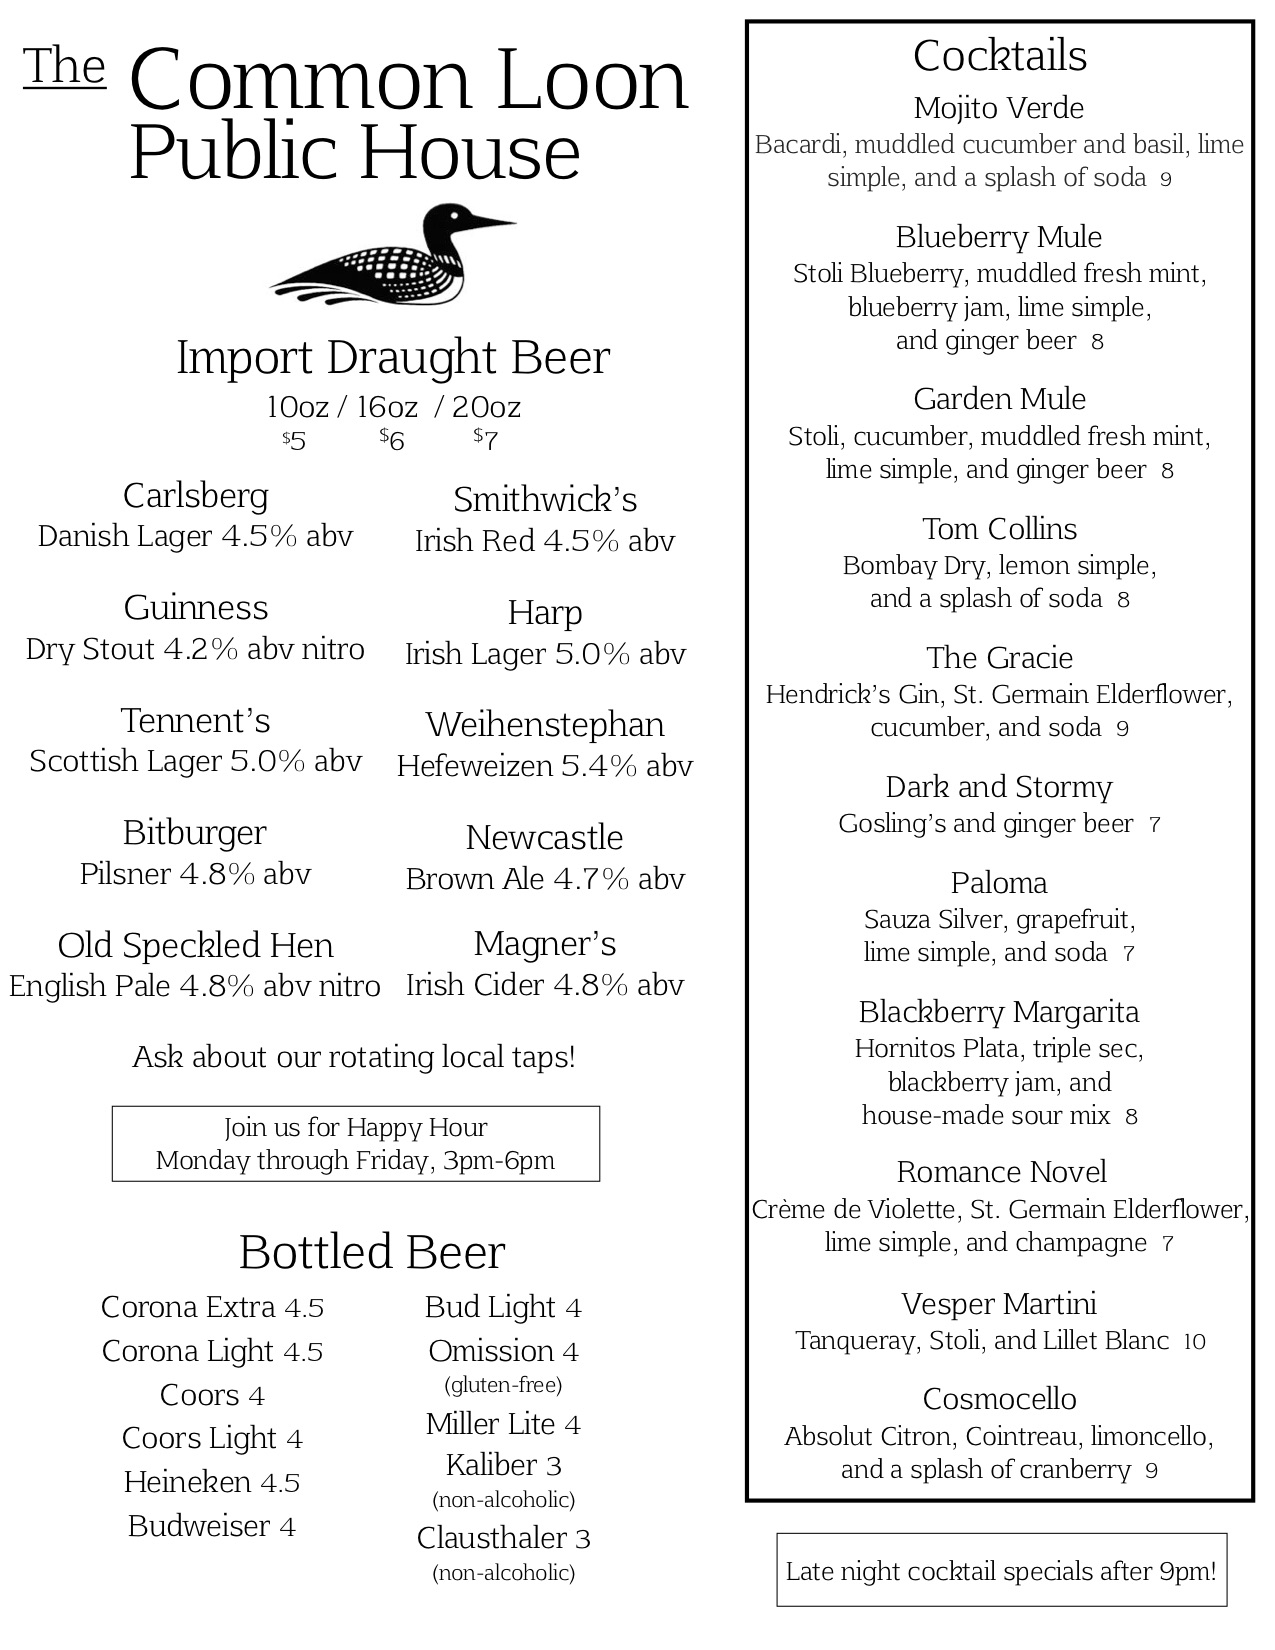 MENU_Drinks_1 Two-Sided Page 1 Drinks menu (Summer 2019) copy.jpg